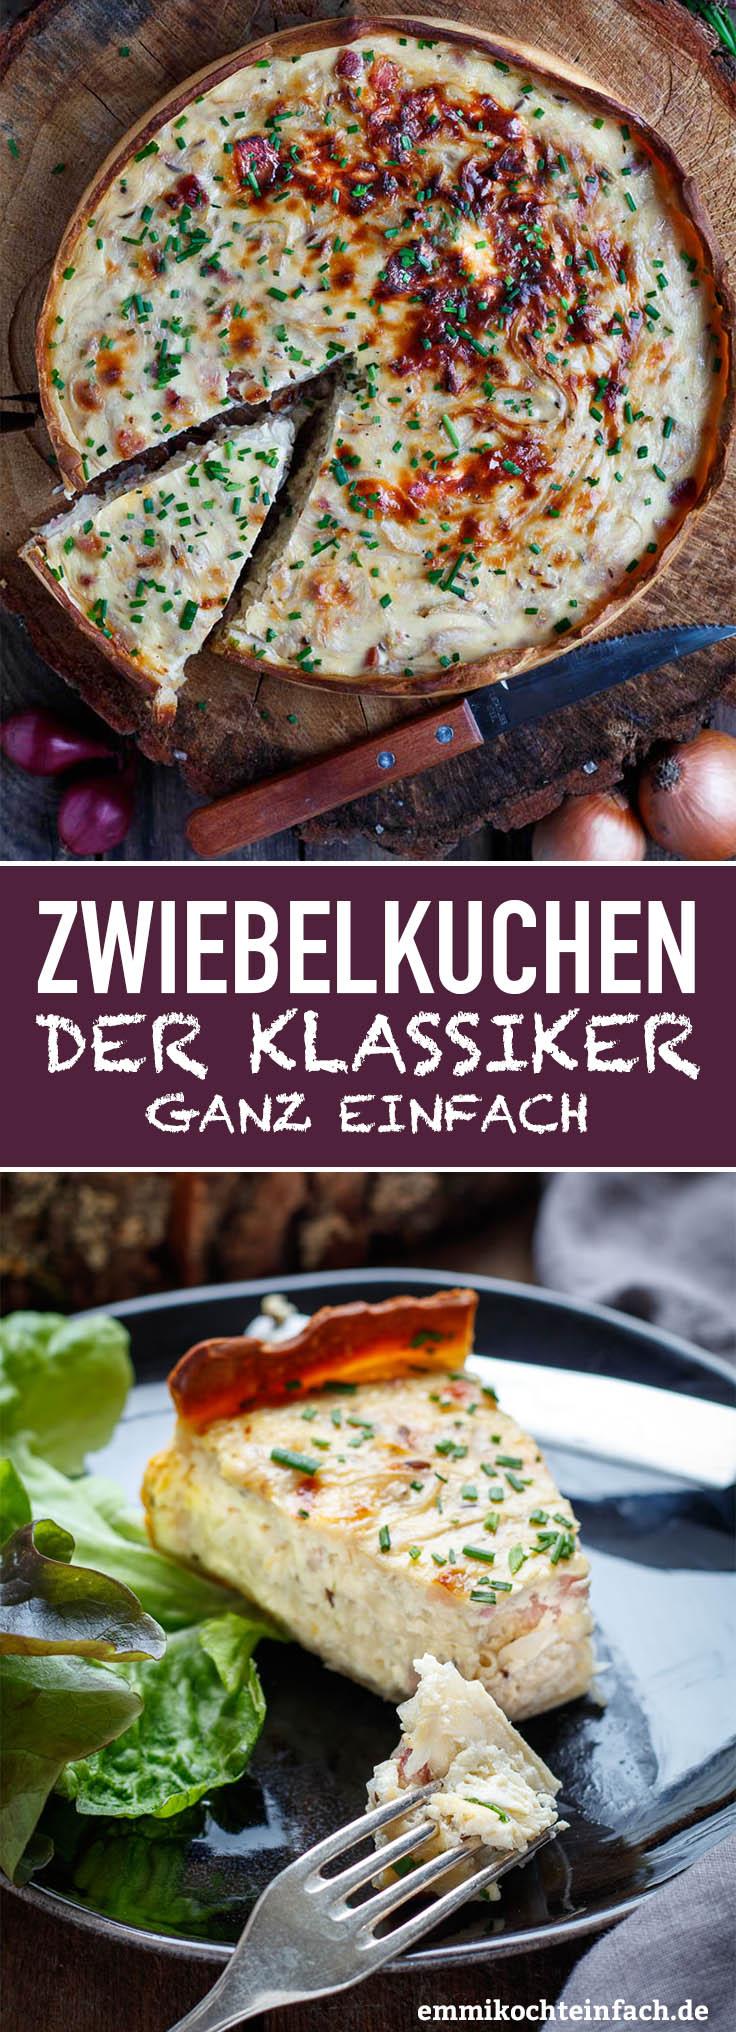 Einfacher Zwiebelkuchen - www.emmikochteinfach.de